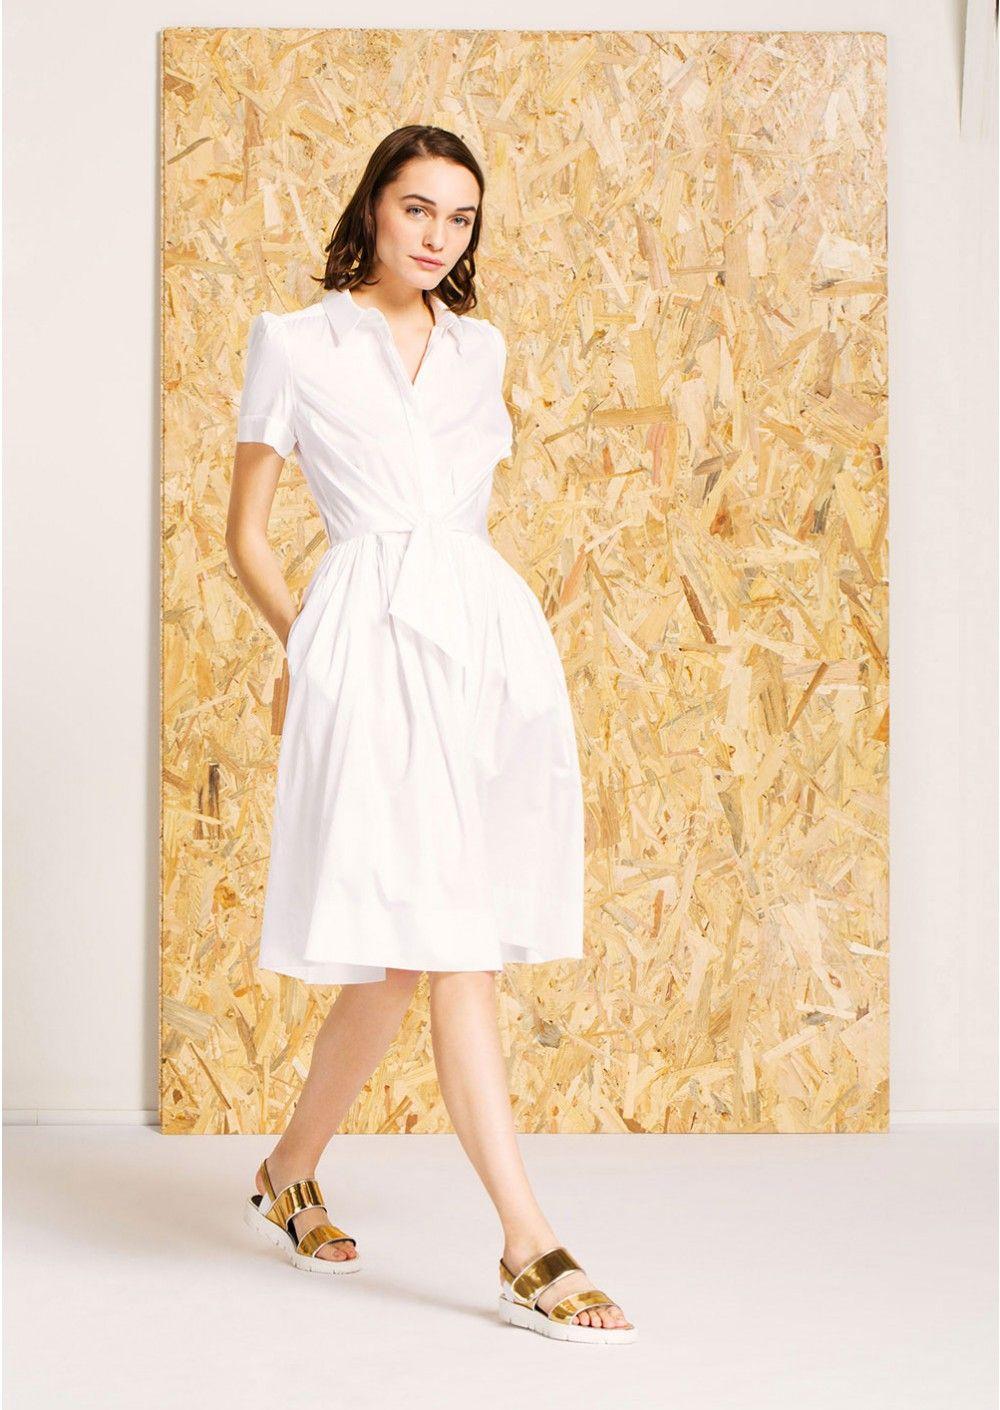 5c2d57276401 Robe chemise blanche mi-longue en satin de coton - Femme - Tara Jarmon 3